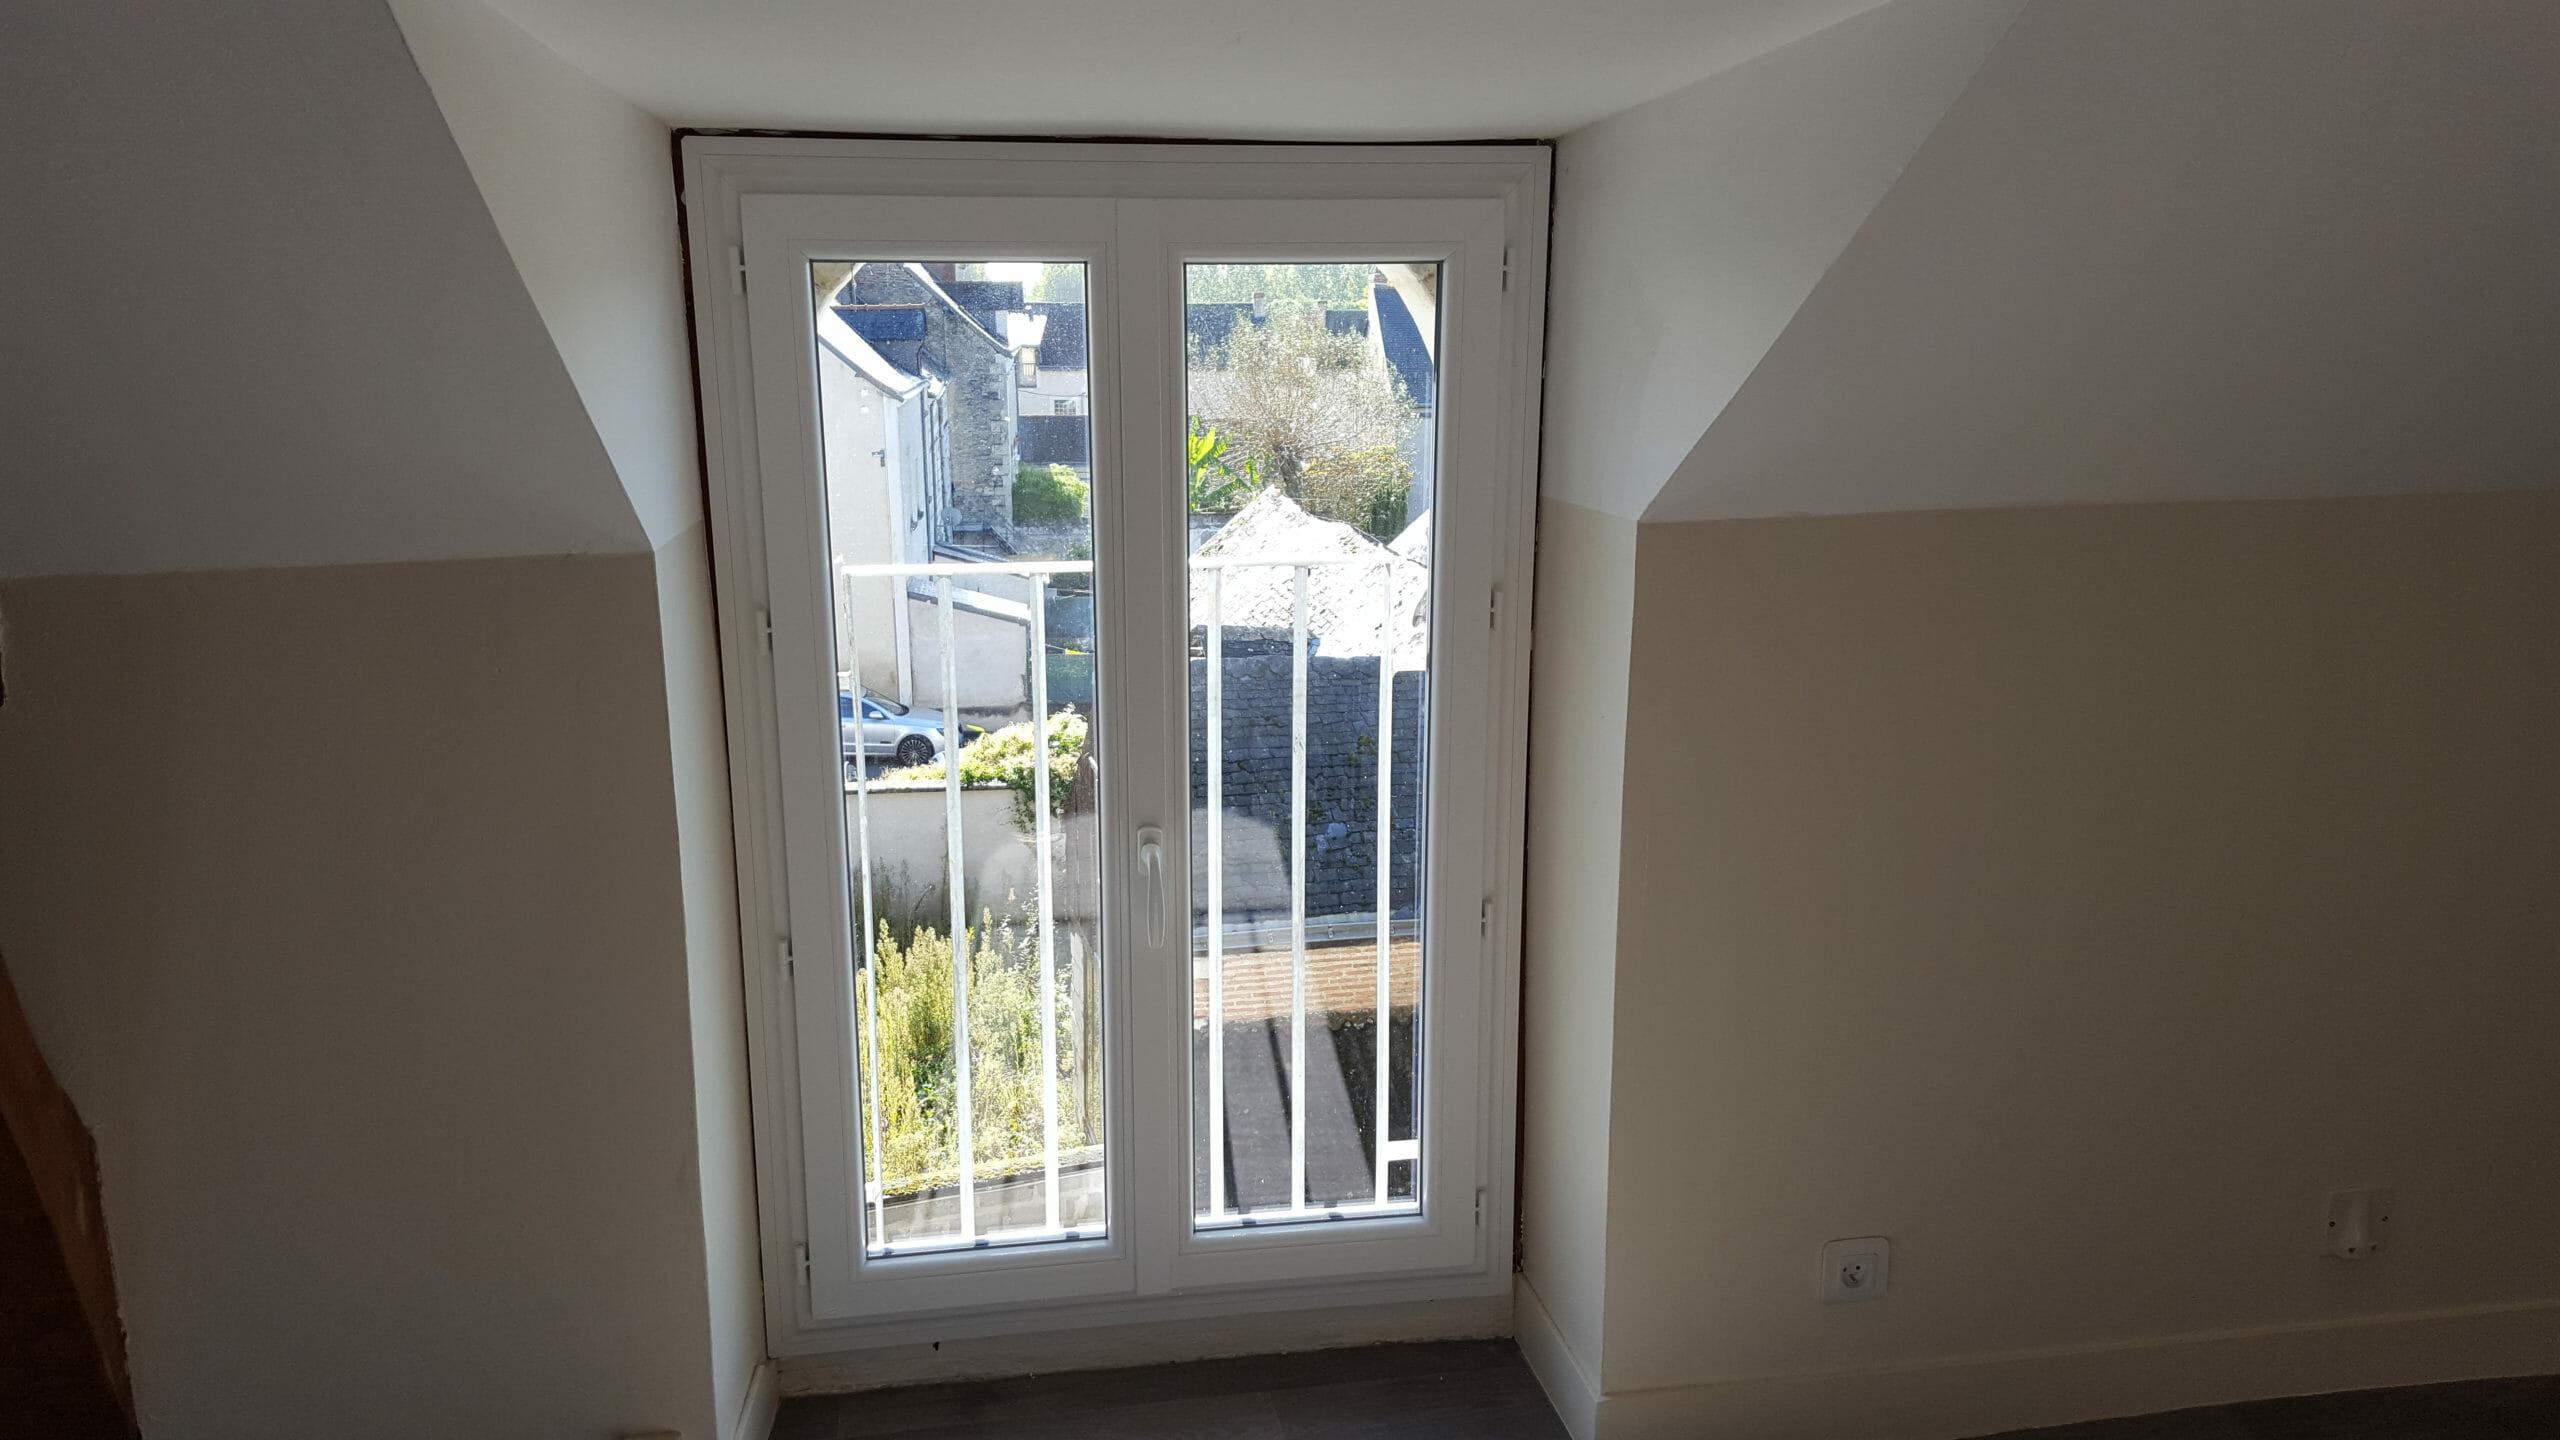 Fenêtre changée dans l'immeuble à 0 €